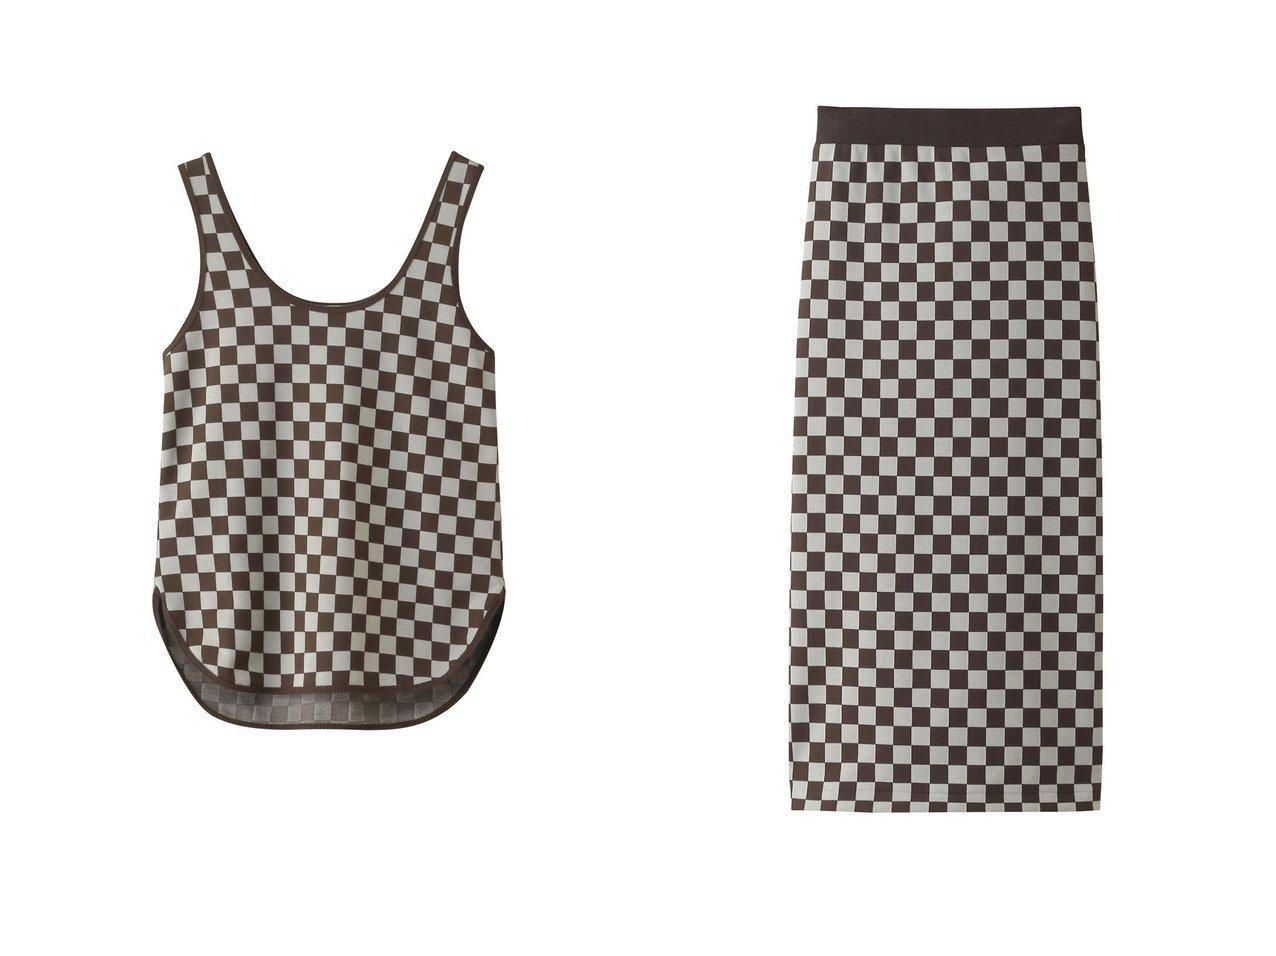 【INSCRIRE/アンスクリア】のチェックジャカードタイトスカート&チェックジャカードタンクトップ INSCRIREのおすすめ!人気、トレンド・レディースファッションの通販 おすすめで人気の流行・トレンド、ファッションの通販商品 メンズファッション・キッズファッション・インテリア・家具・レディースファッション・服の通販 founy(ファニー) https://founy.com/ ファッション Fashion レディースファッション WOMEN トップス Tops Tshirt キャミソール / ノースリーブ No Sleeves シャツ/ブラウス Shirts Blouses ロング / Tシャツ T-Shirts カットソー Cut and Sewn スカート Skirt 2021年 2021 2021 春夏 S/S SS Spring/Summer 2021 S/S 春夏 SS Spring/Summer キャミソール ジャカード スリム タンク チェック パターン ミックス 春 Spring  ID:crp329100000019478